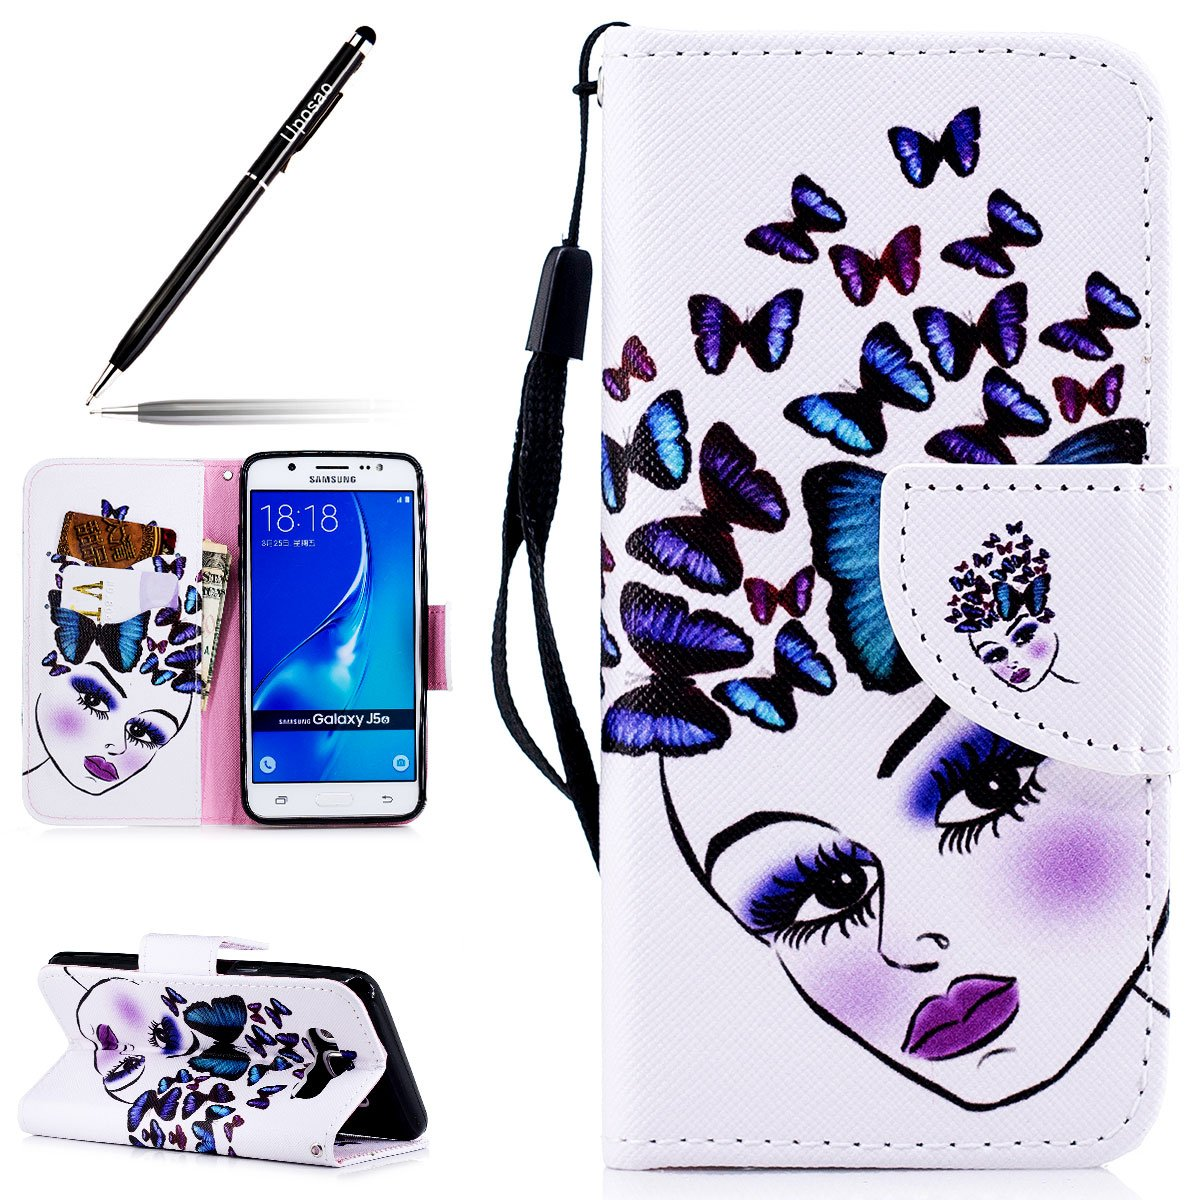 Funda para Samsung Galaxy J5 2016, carcasa Galaxy J5 2016 piel billetera pu Premium funda de protección con tapa Case, uposao Samsung Galaxy J5 2016 Flip ...